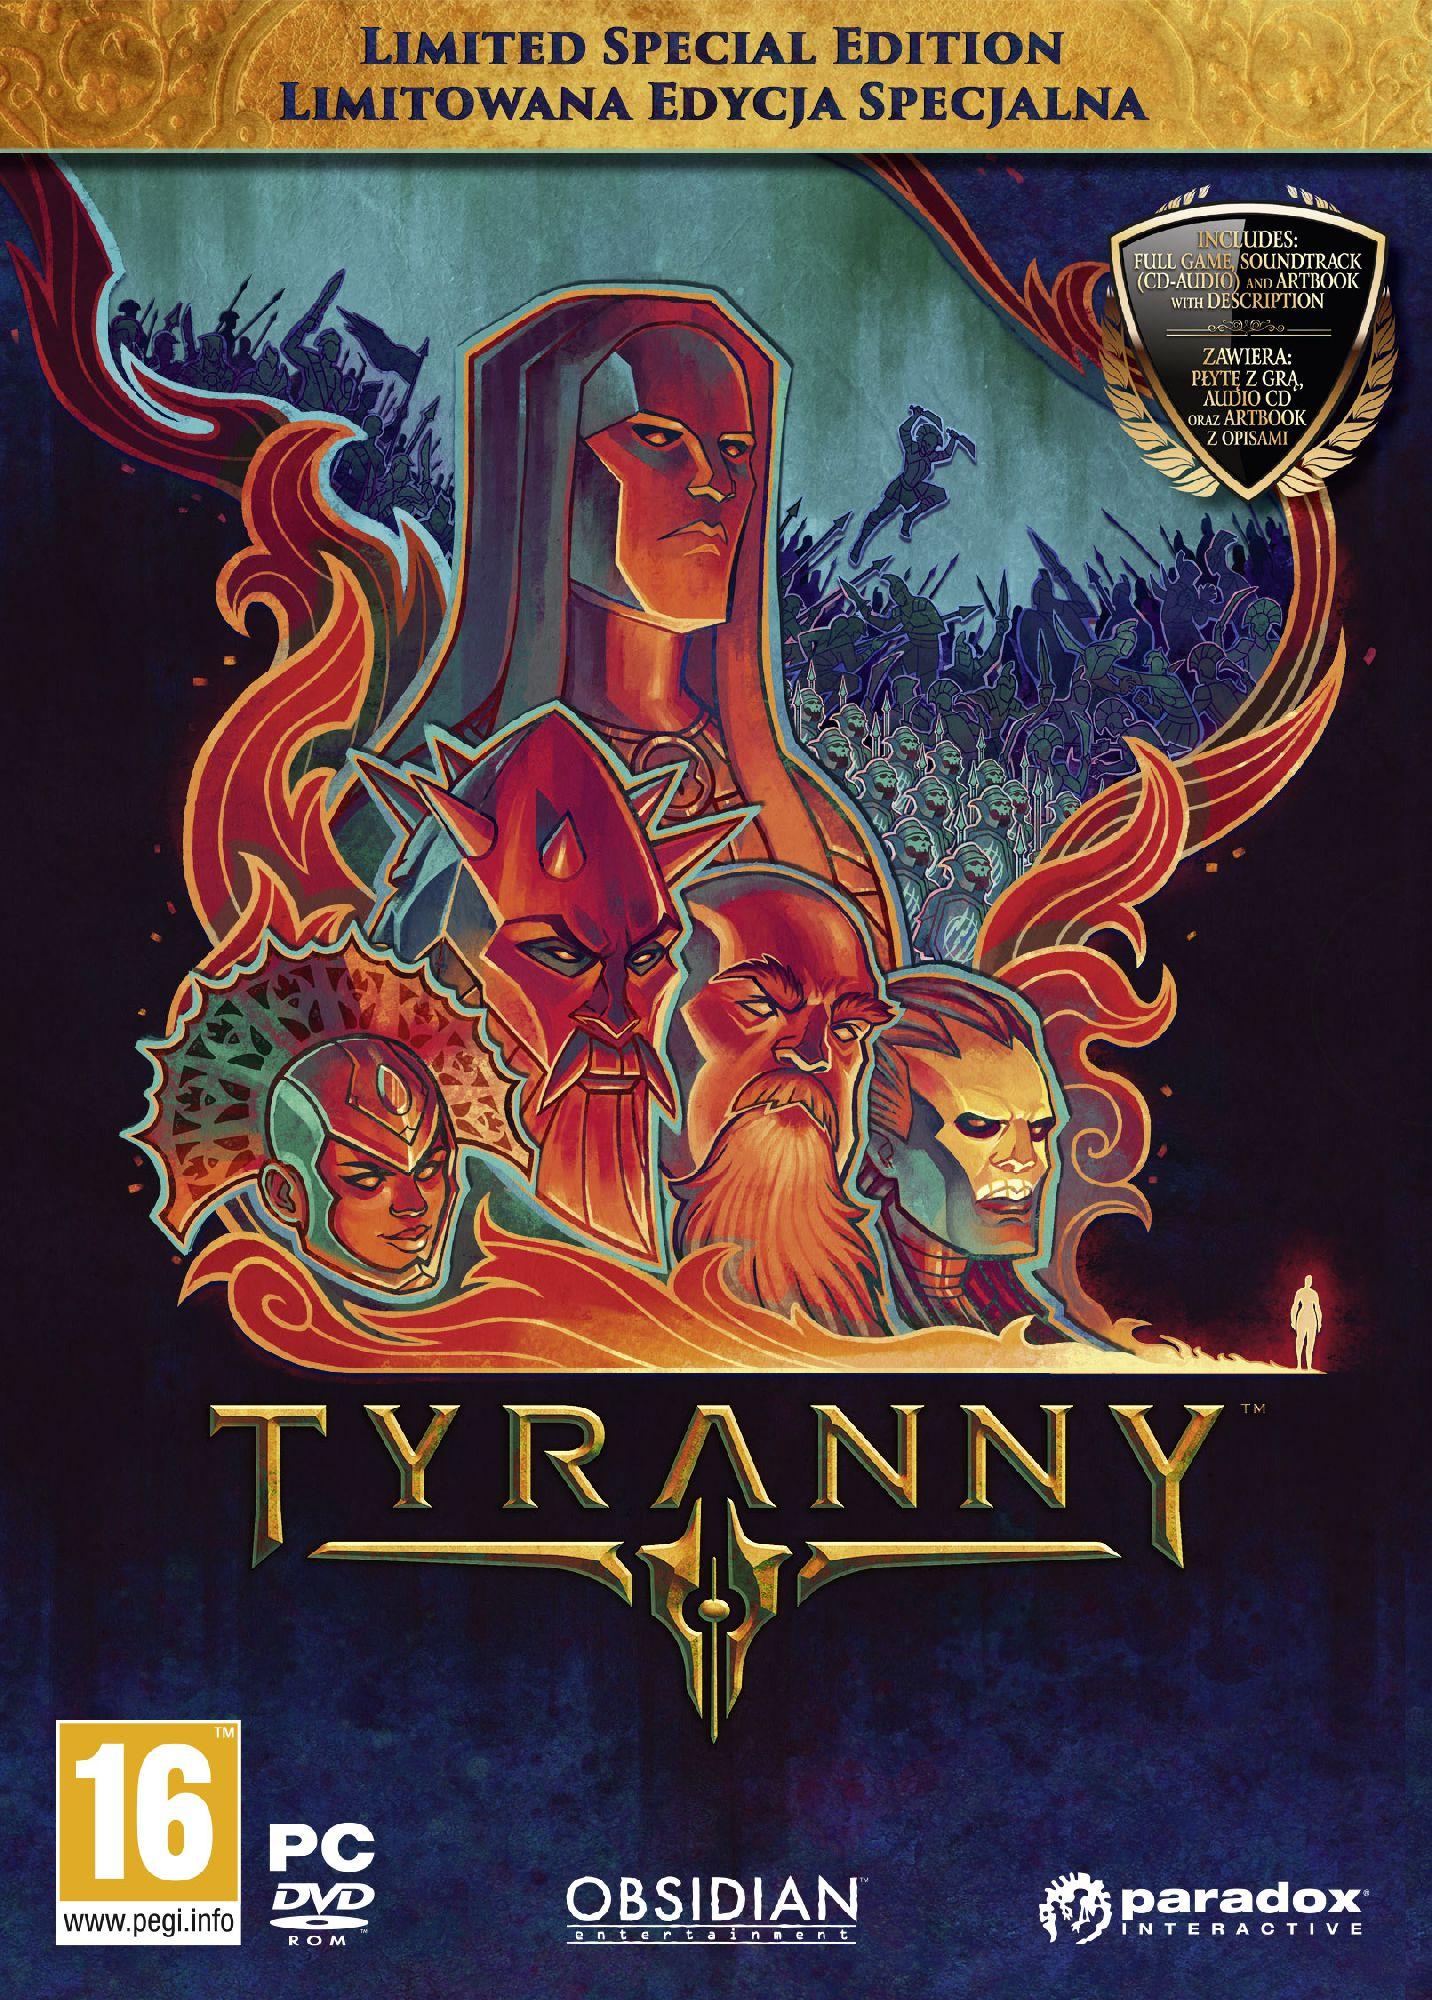 Tyranny Limitowana Edycja Specjalna